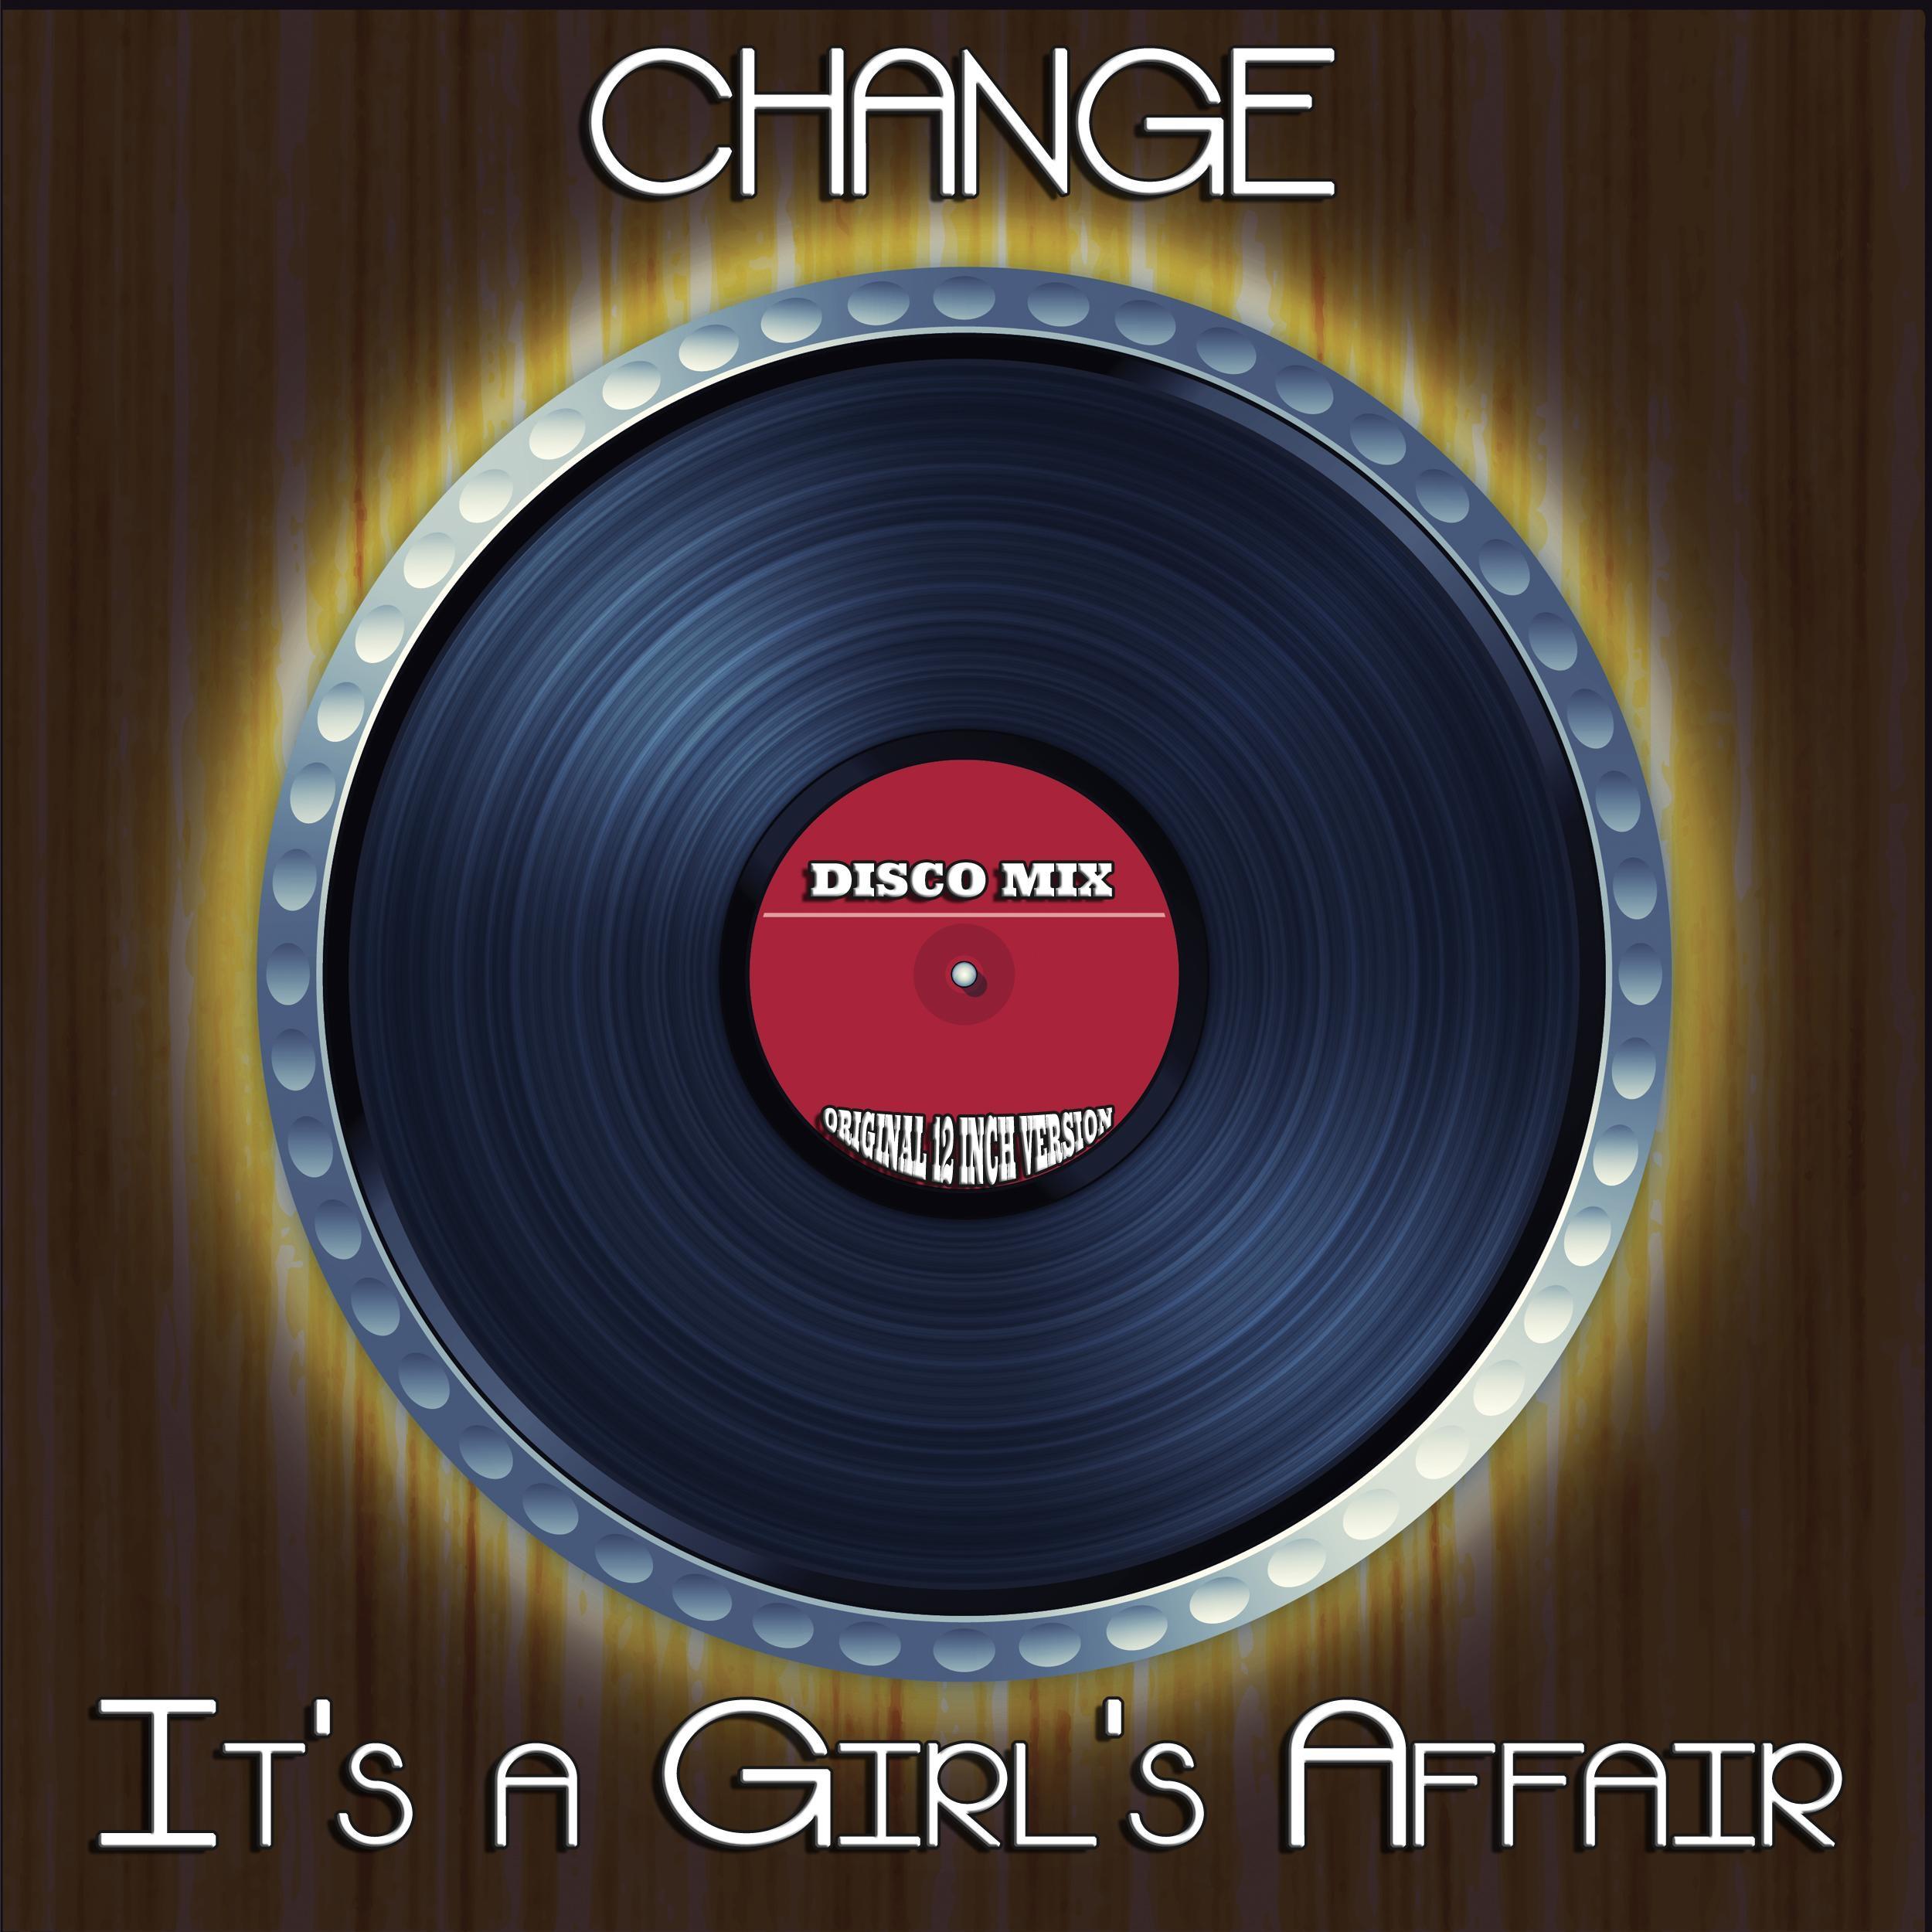 It's a Girl's Affair (7